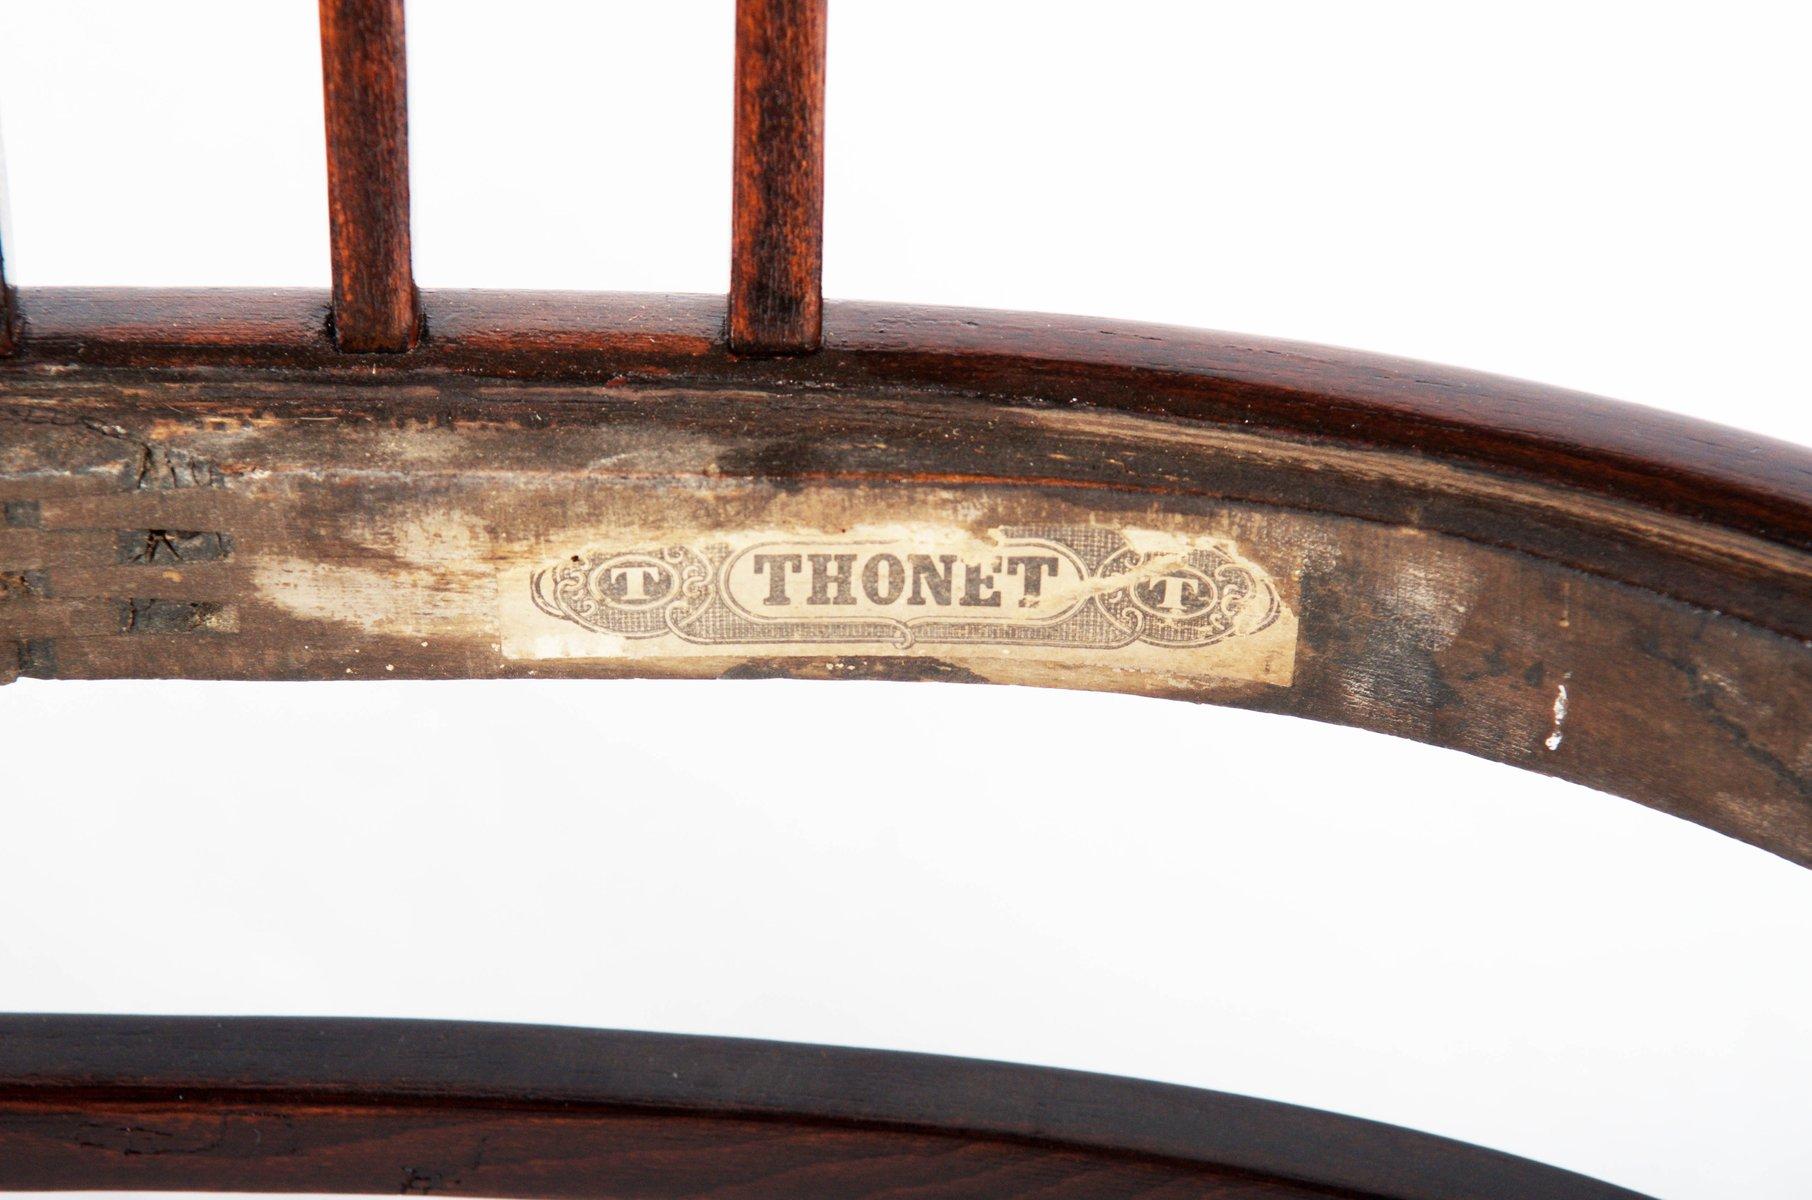 Sedia in faggio di otto wagner per thonet 1905 in vendita su pamono for Sedia thonet originale